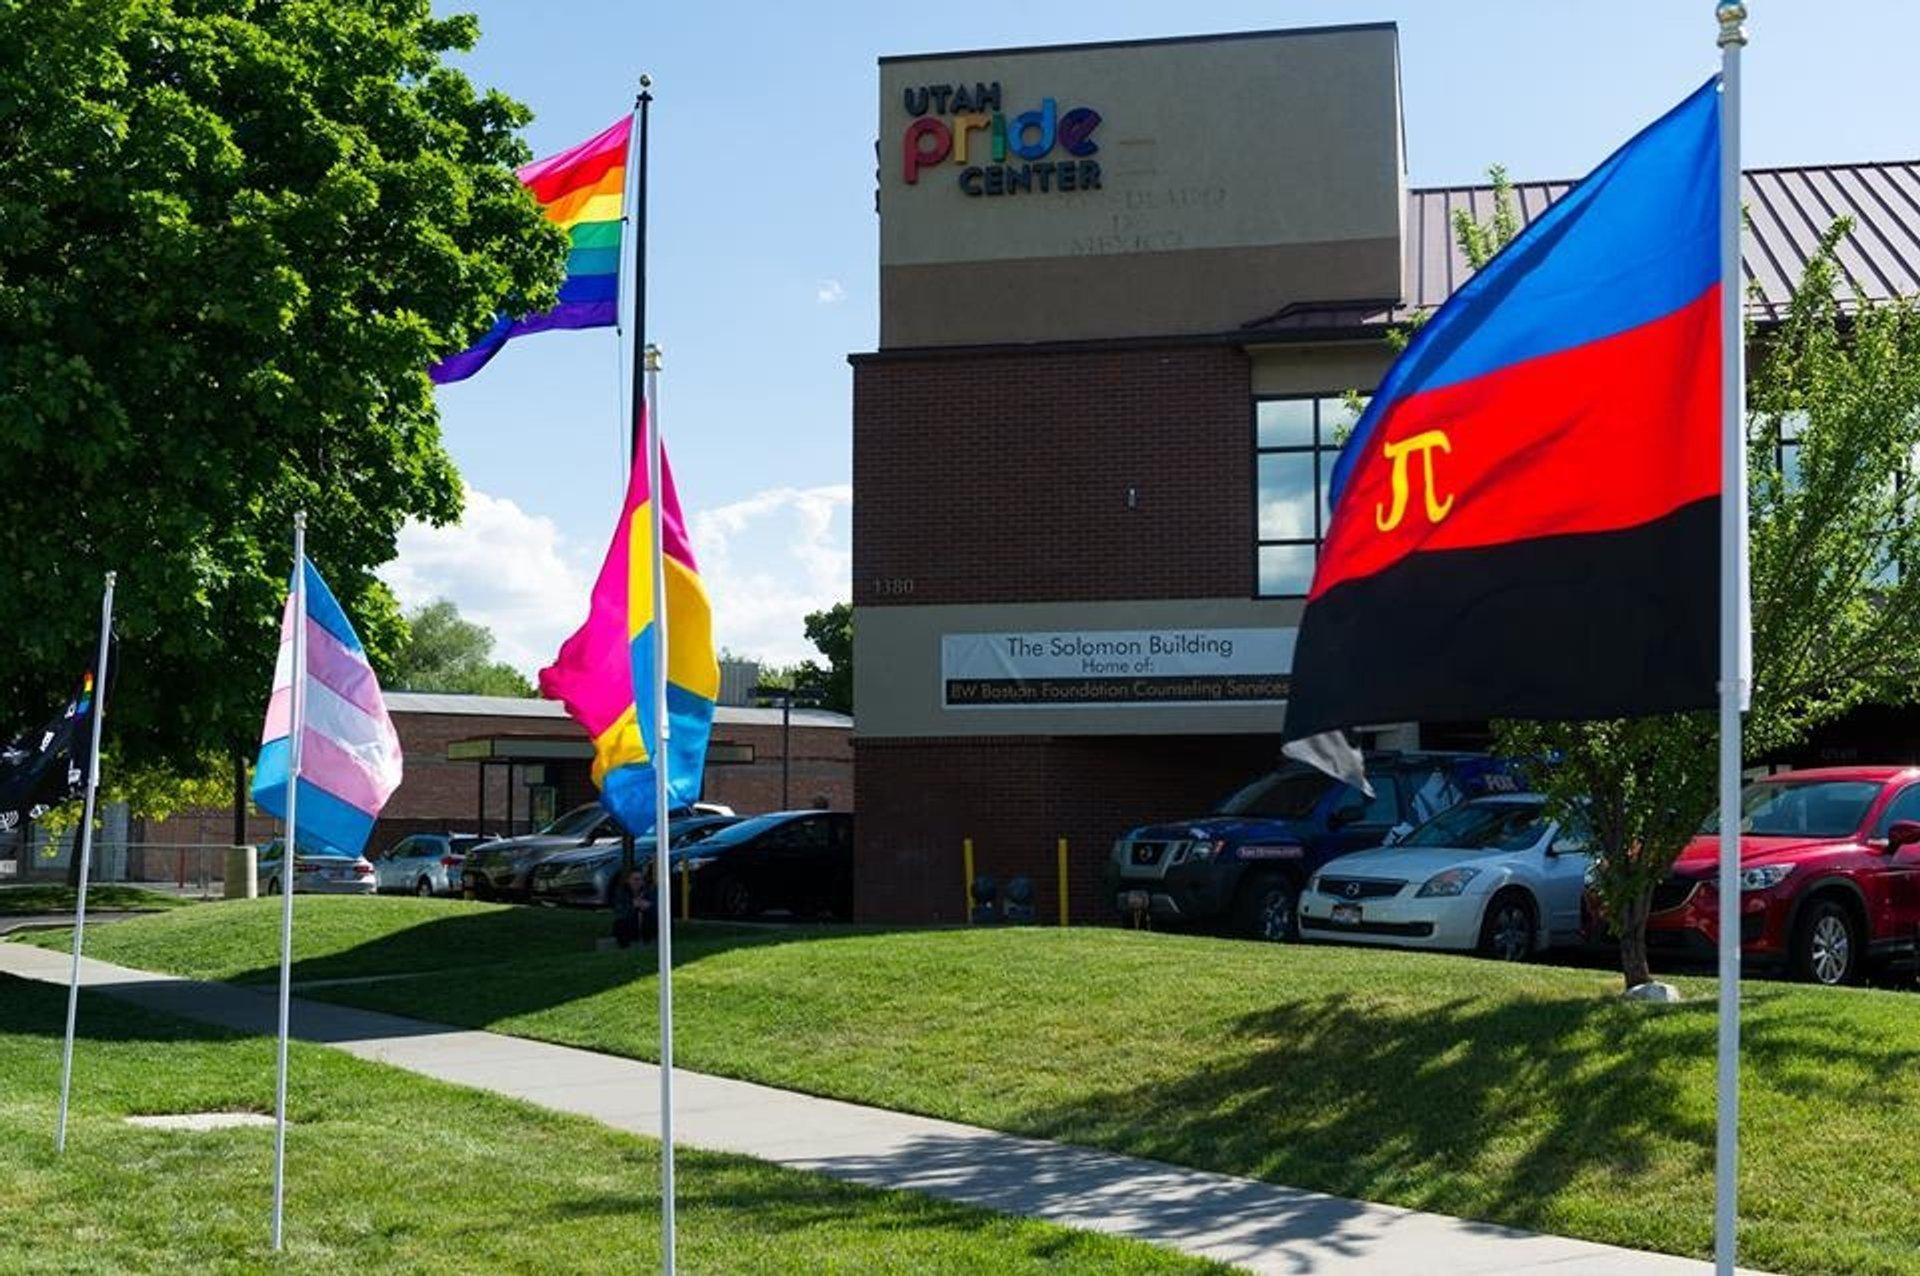 Utah Pride Center 2020